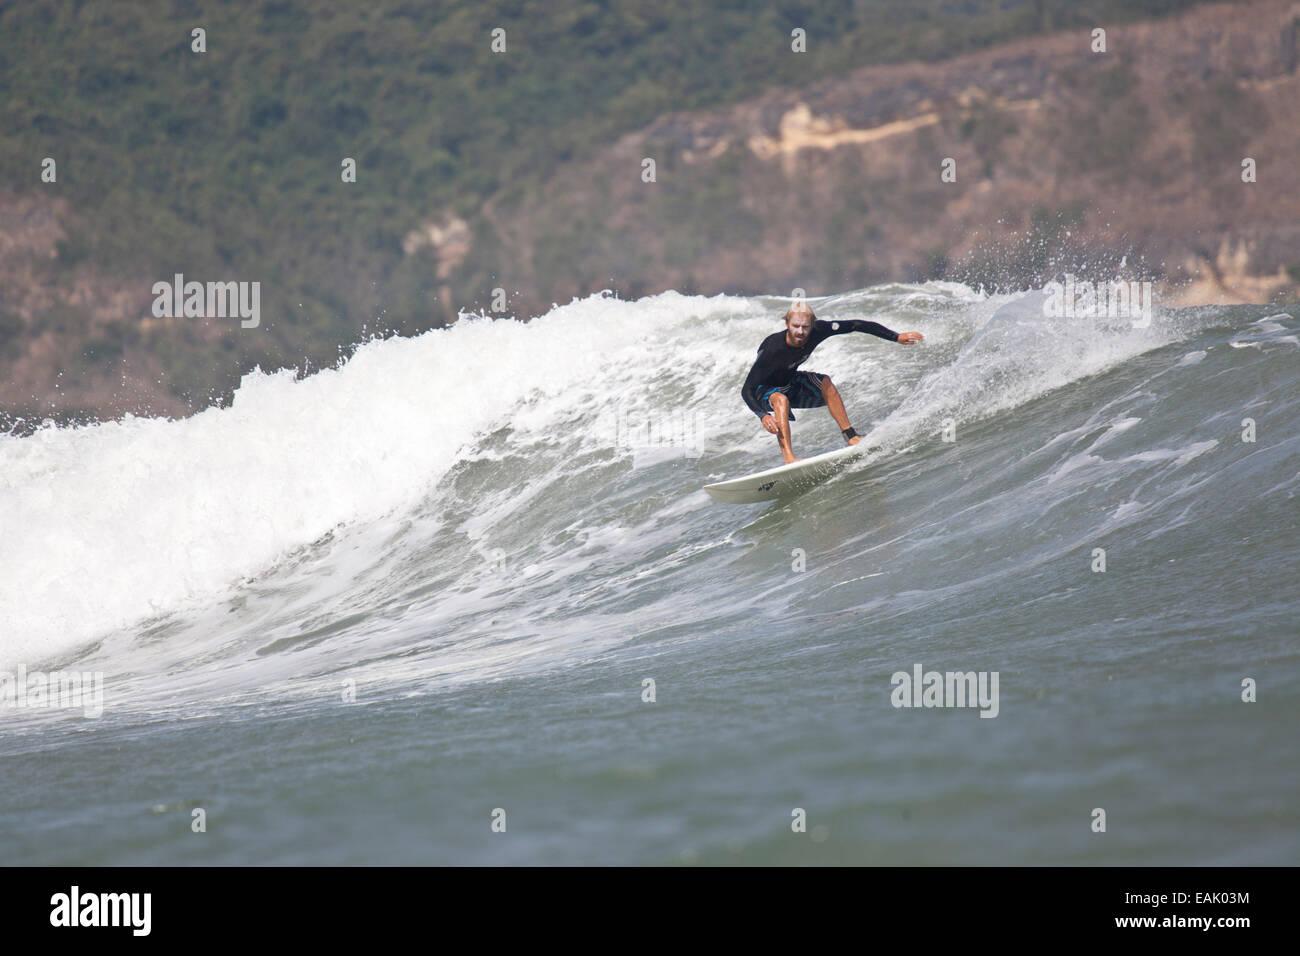 Le surf en Indonésie Photo Stock